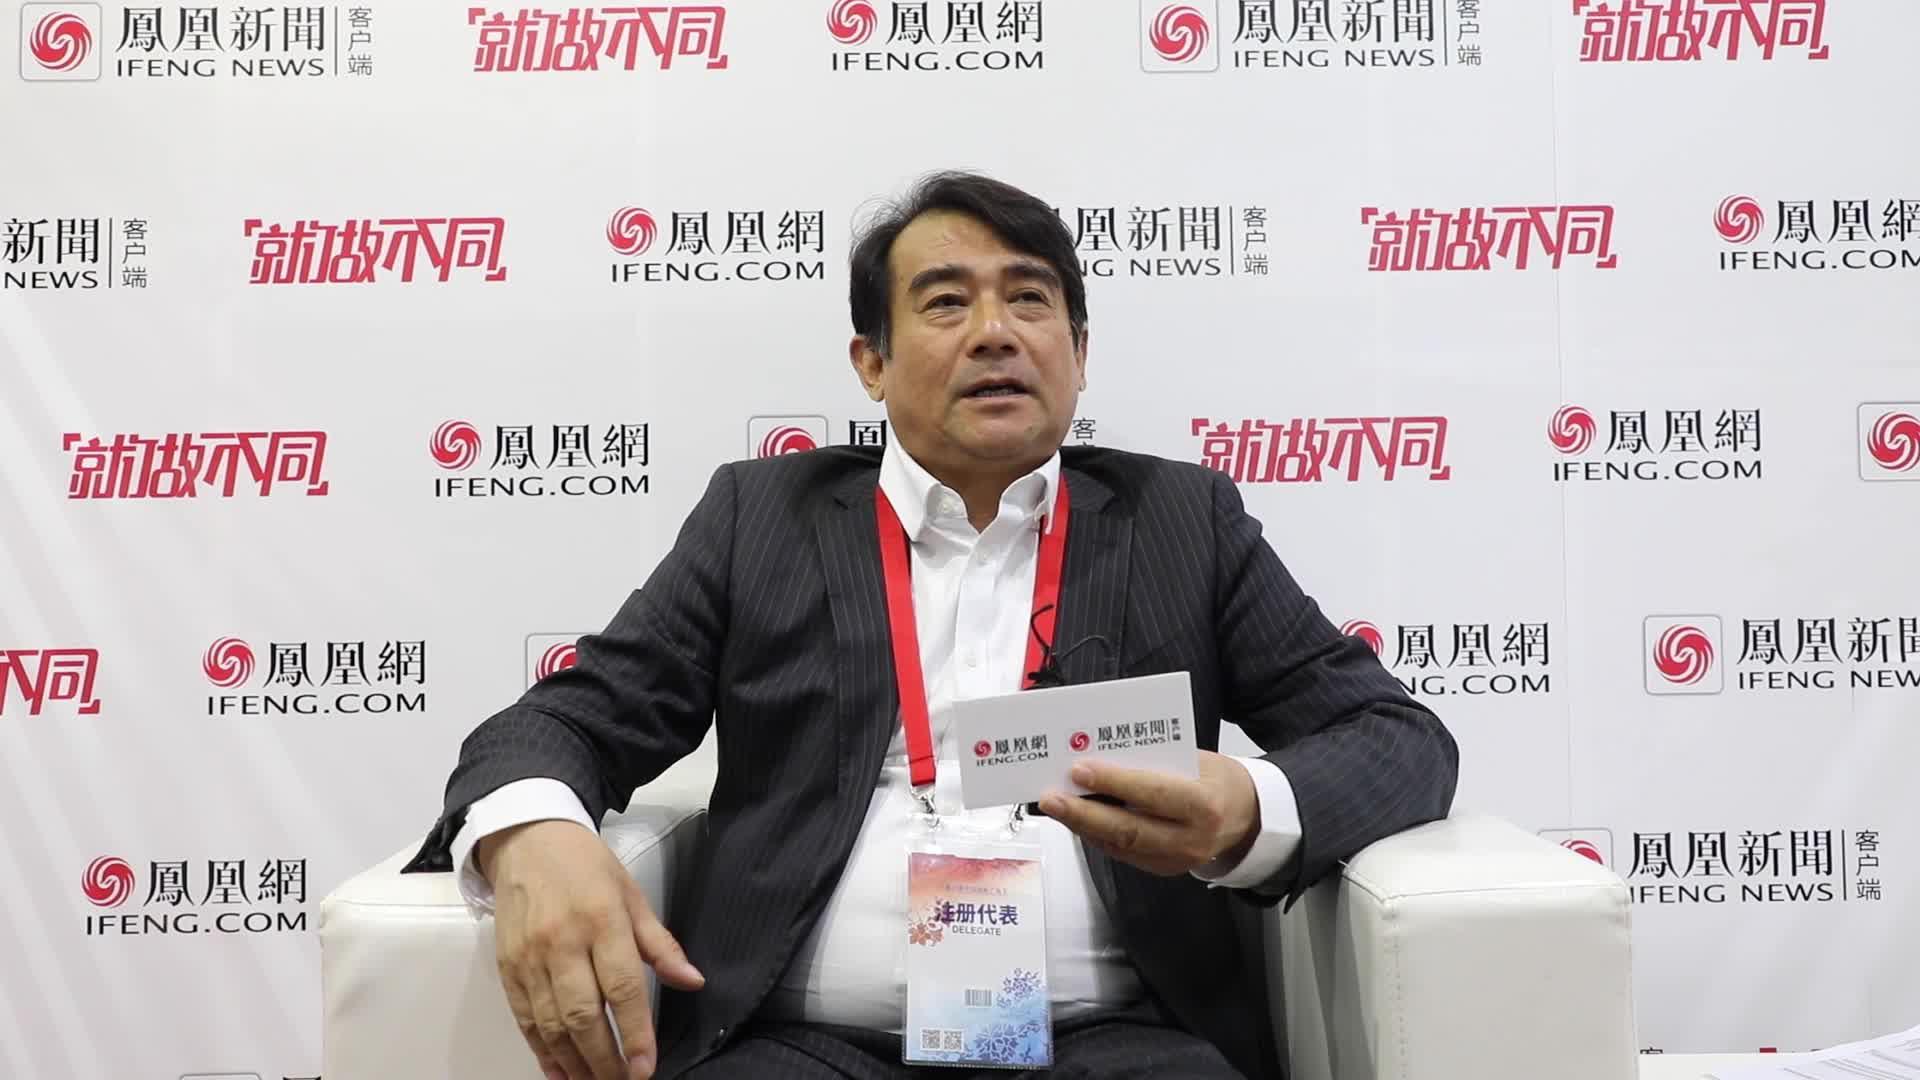 专访中国邮政集团公司邮政业务部副总经理、中国邮政广告传媒公司总经理李陕川